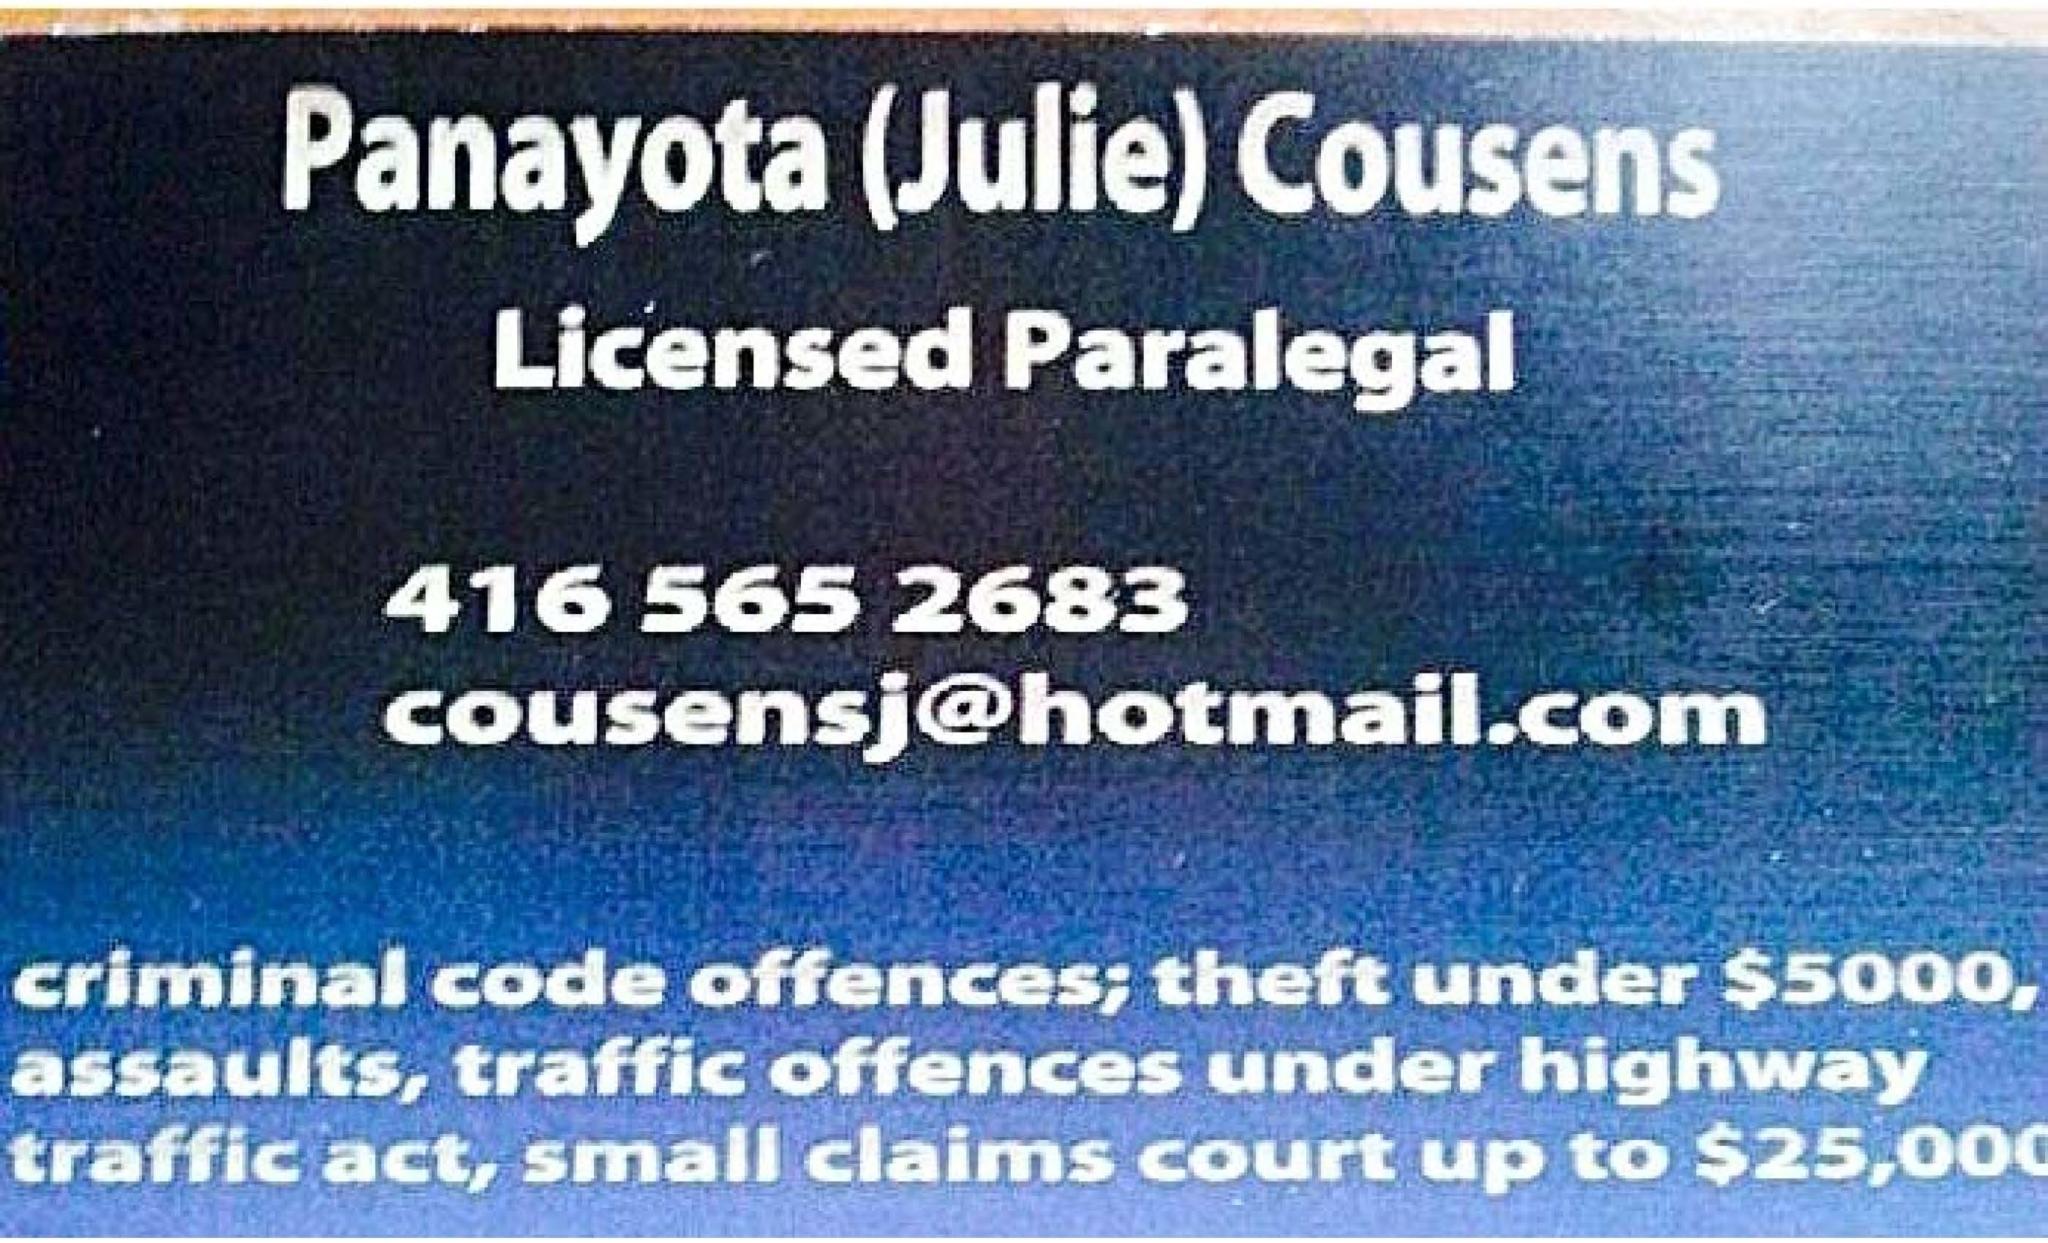 Julie Panayota Cousens